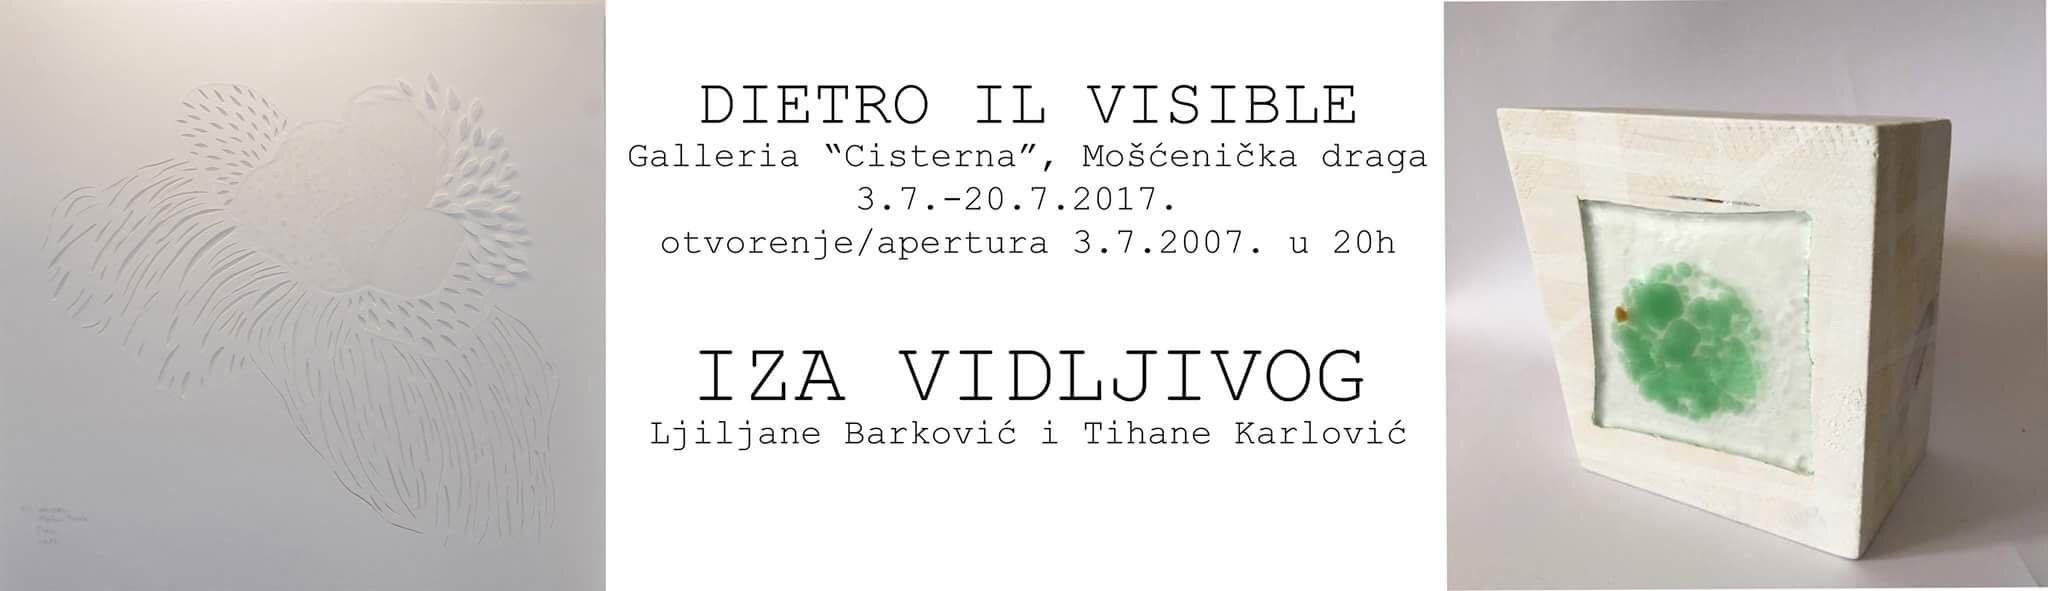 IZA VIDLJIVOG</BR>Ljiljane Barković i Tihane Karlović